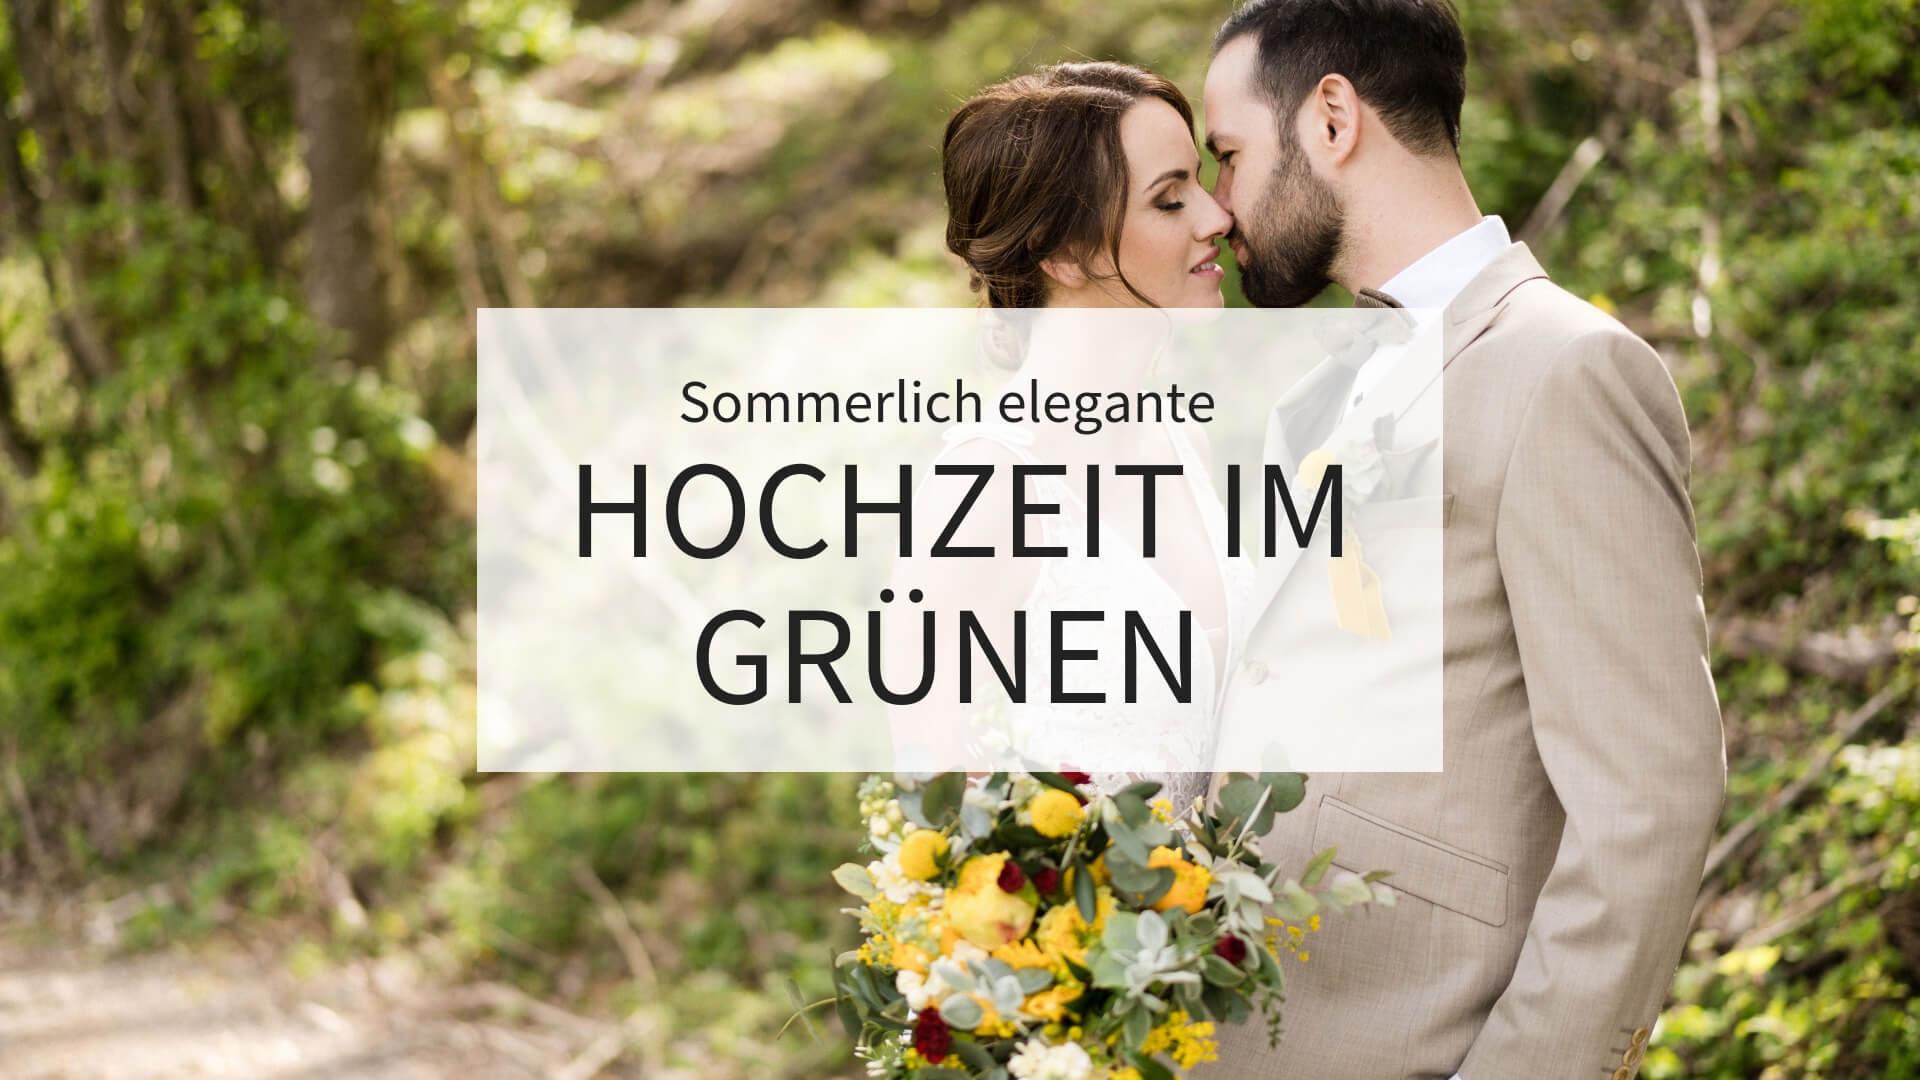 Hochzeit im Grünen, Hochzeit elegant, Hochzeit grün, Hochzeit gelb, Hochzeit gold